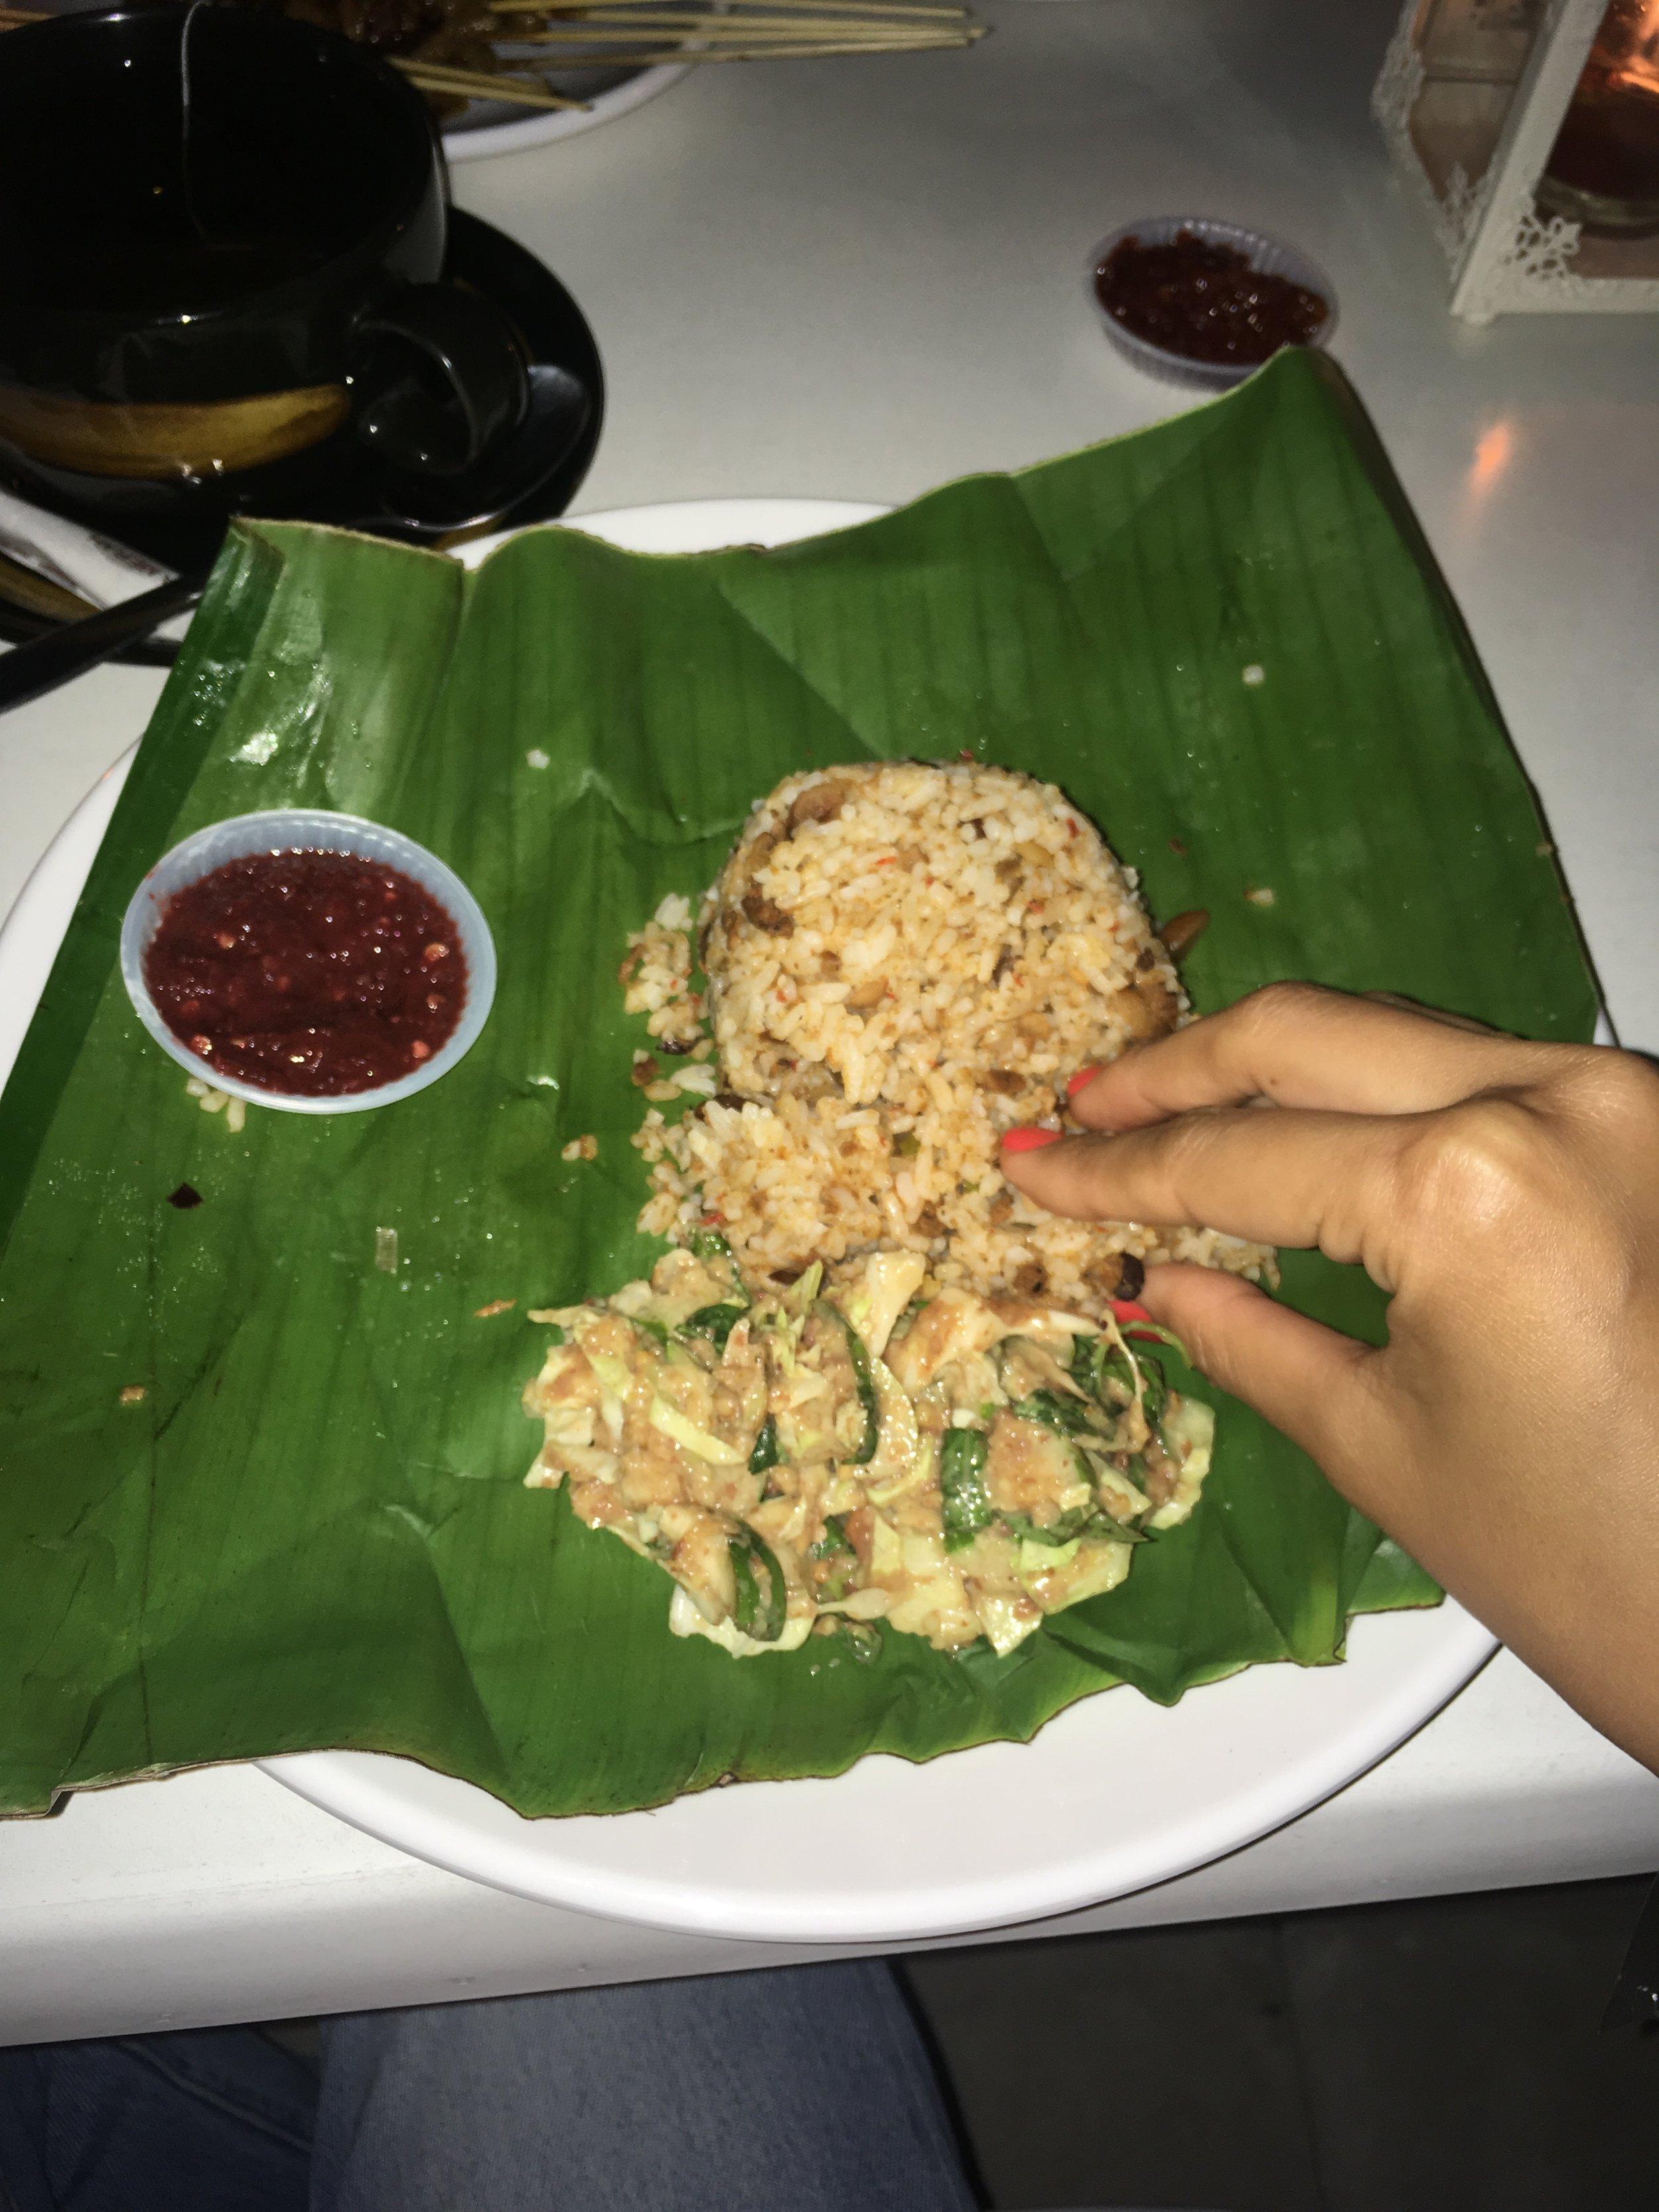 これはバンドゥンでたべたご飯。これにおかずがついてくるのだけれど、ジャワ島西部に多いスンダ伝統料理の一つ。ご飯の手前にあるのはLOTEKといわれるインゲンやキュウリをピーナッツソースで和えたもの。これがさっぱりしていておいしい。日本人でもたべれそう。少しgado gadoに似ている。